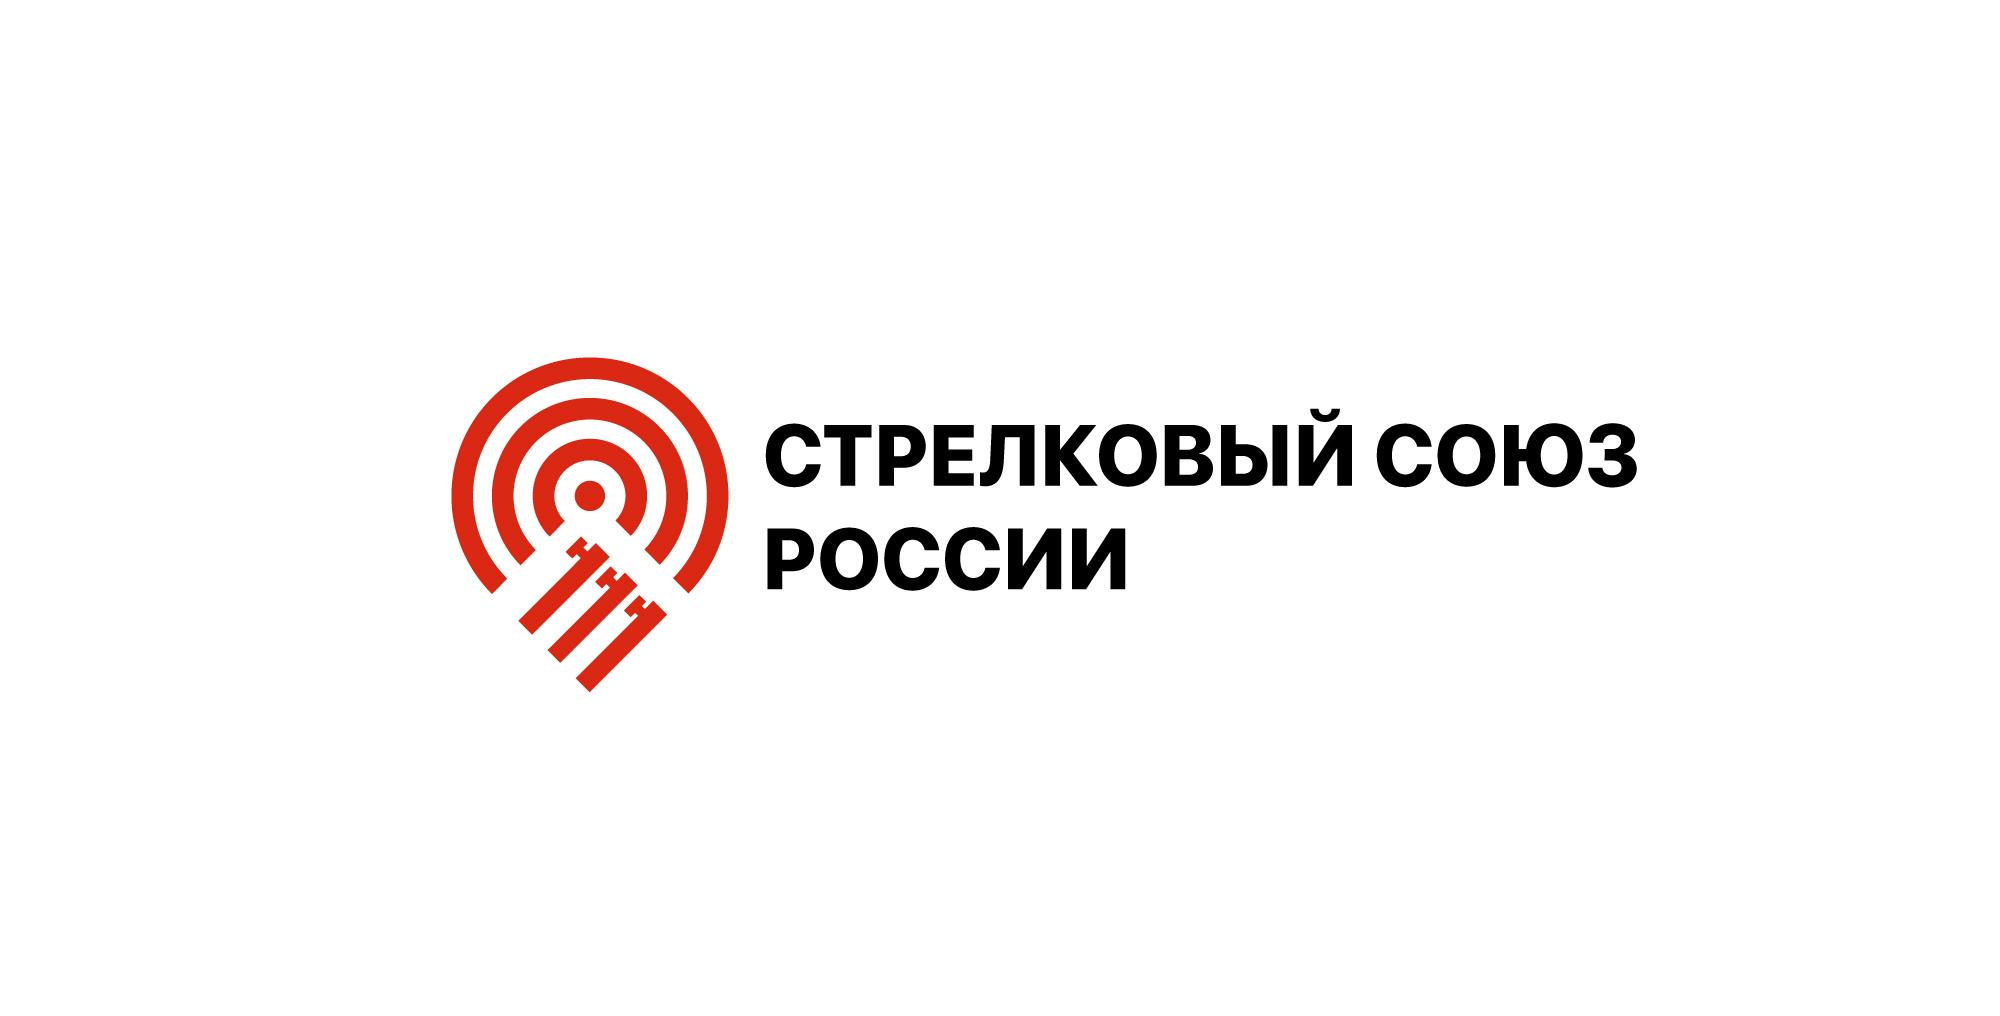 Стрелковый Союз России — Общероссийская спортивная общественная организация Федерации пулевой стрельбы